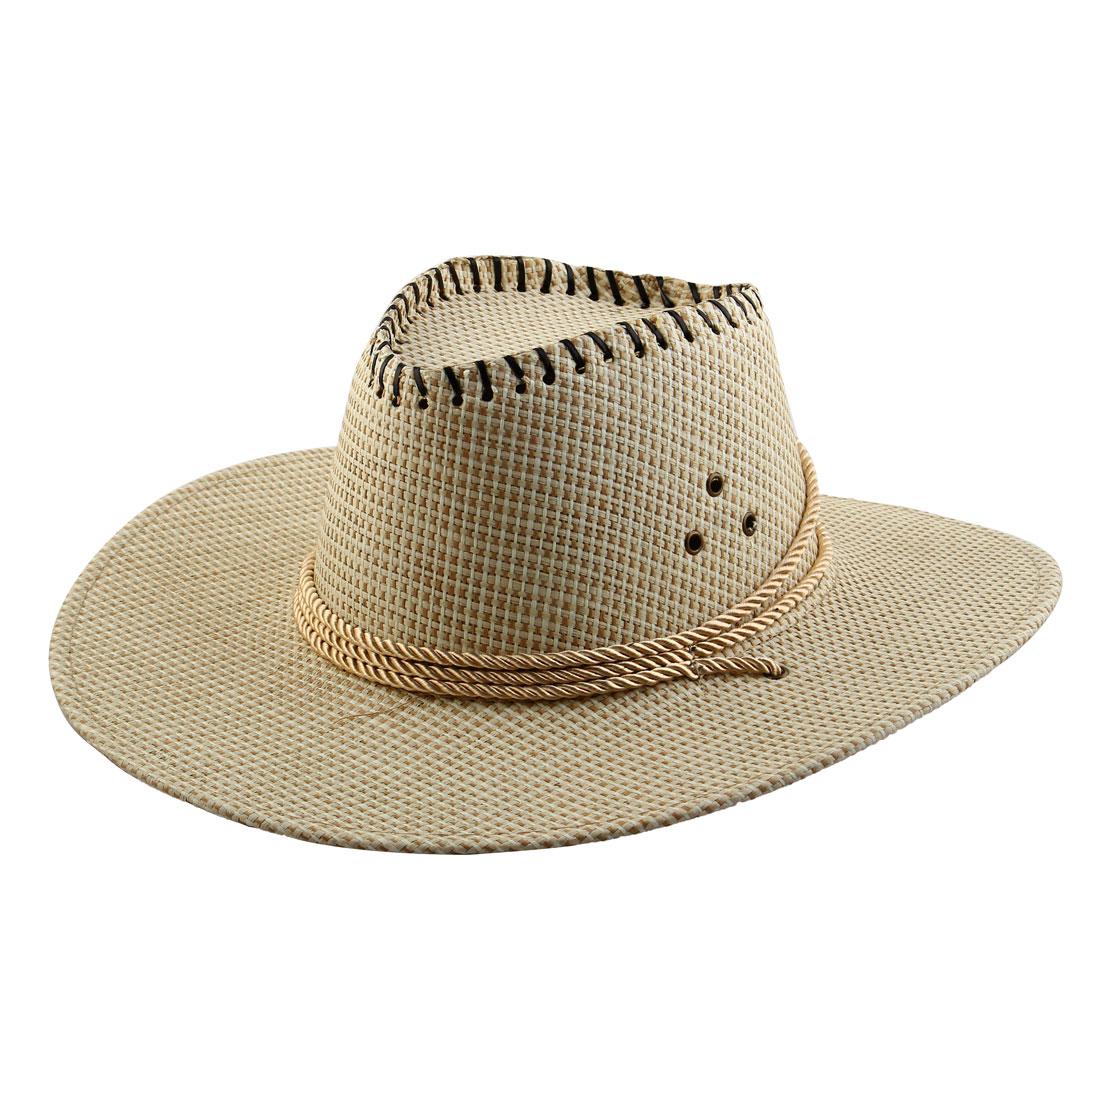 Summer Adjustable Strap Braided Wide Brim Western Style Sunhat Cowboy Hat White